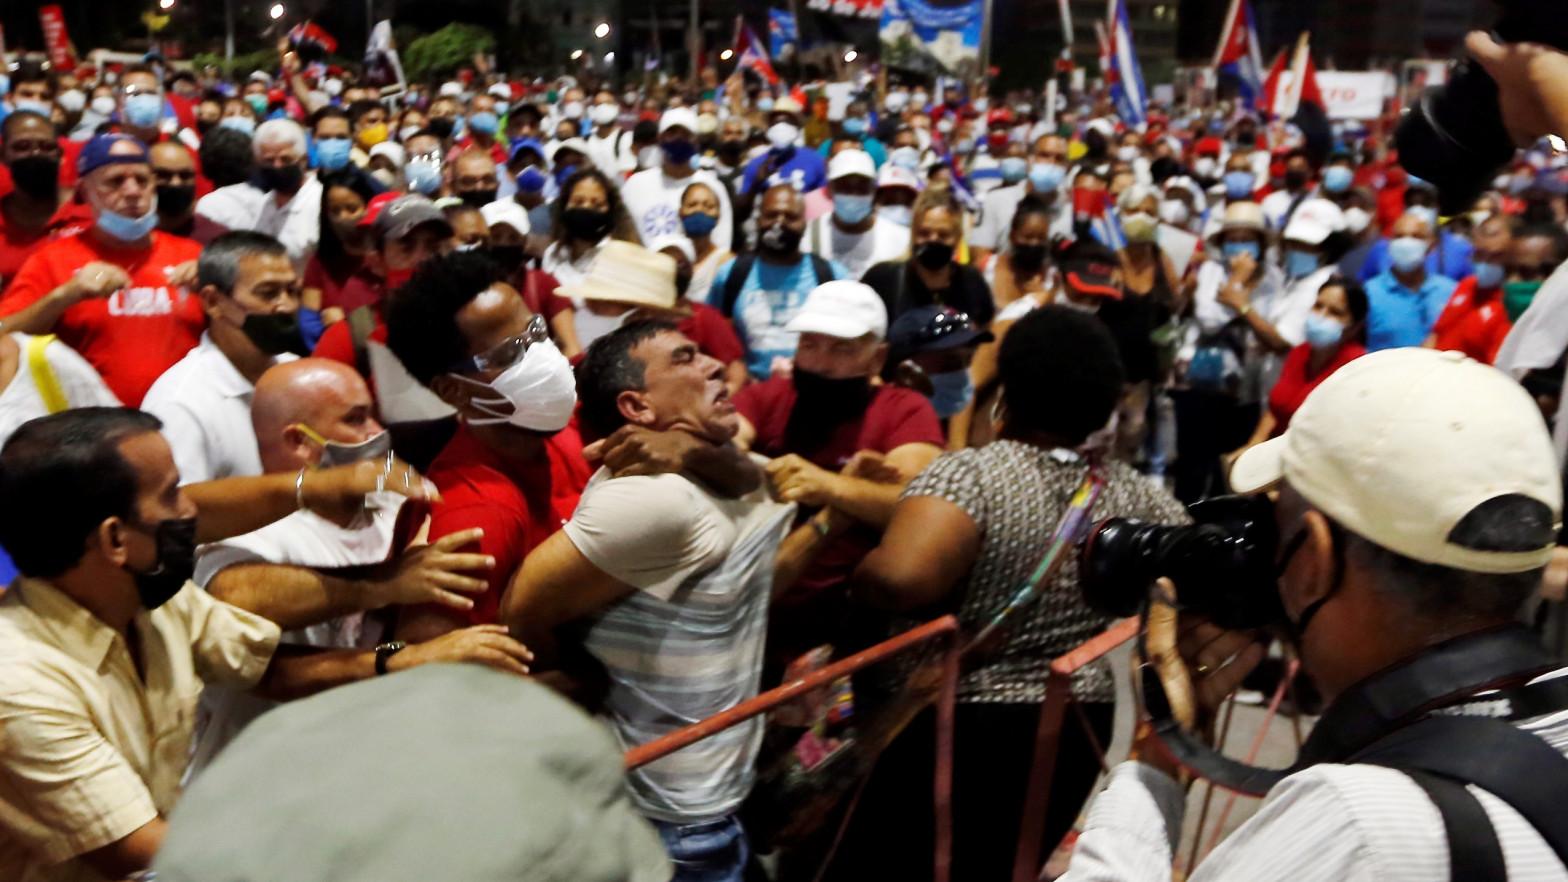 Un hombre es arrestado durante un acto de apoyo a la revolución en La Habana (Cuba), organizado por el Gobierno cubano de Miguel Díaz-Canel.